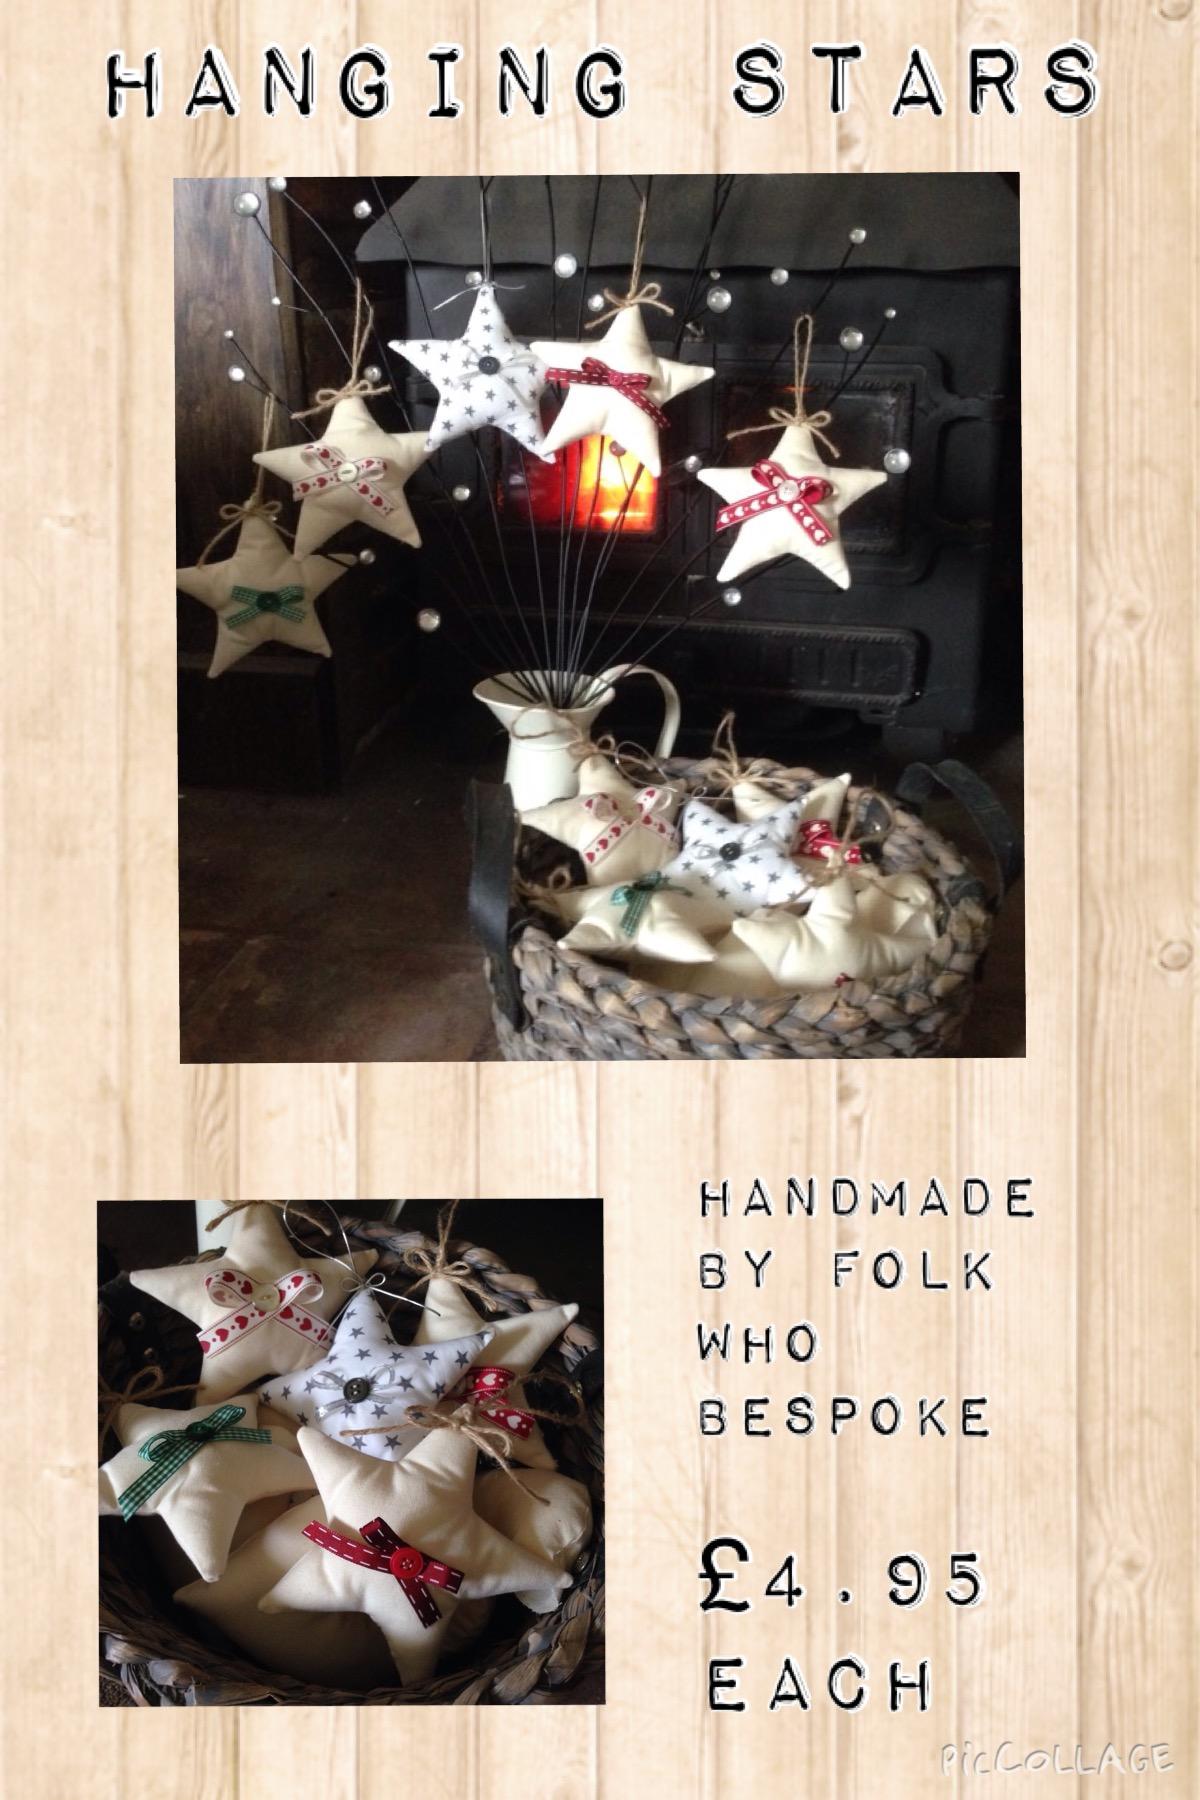 Handmade hanging stars